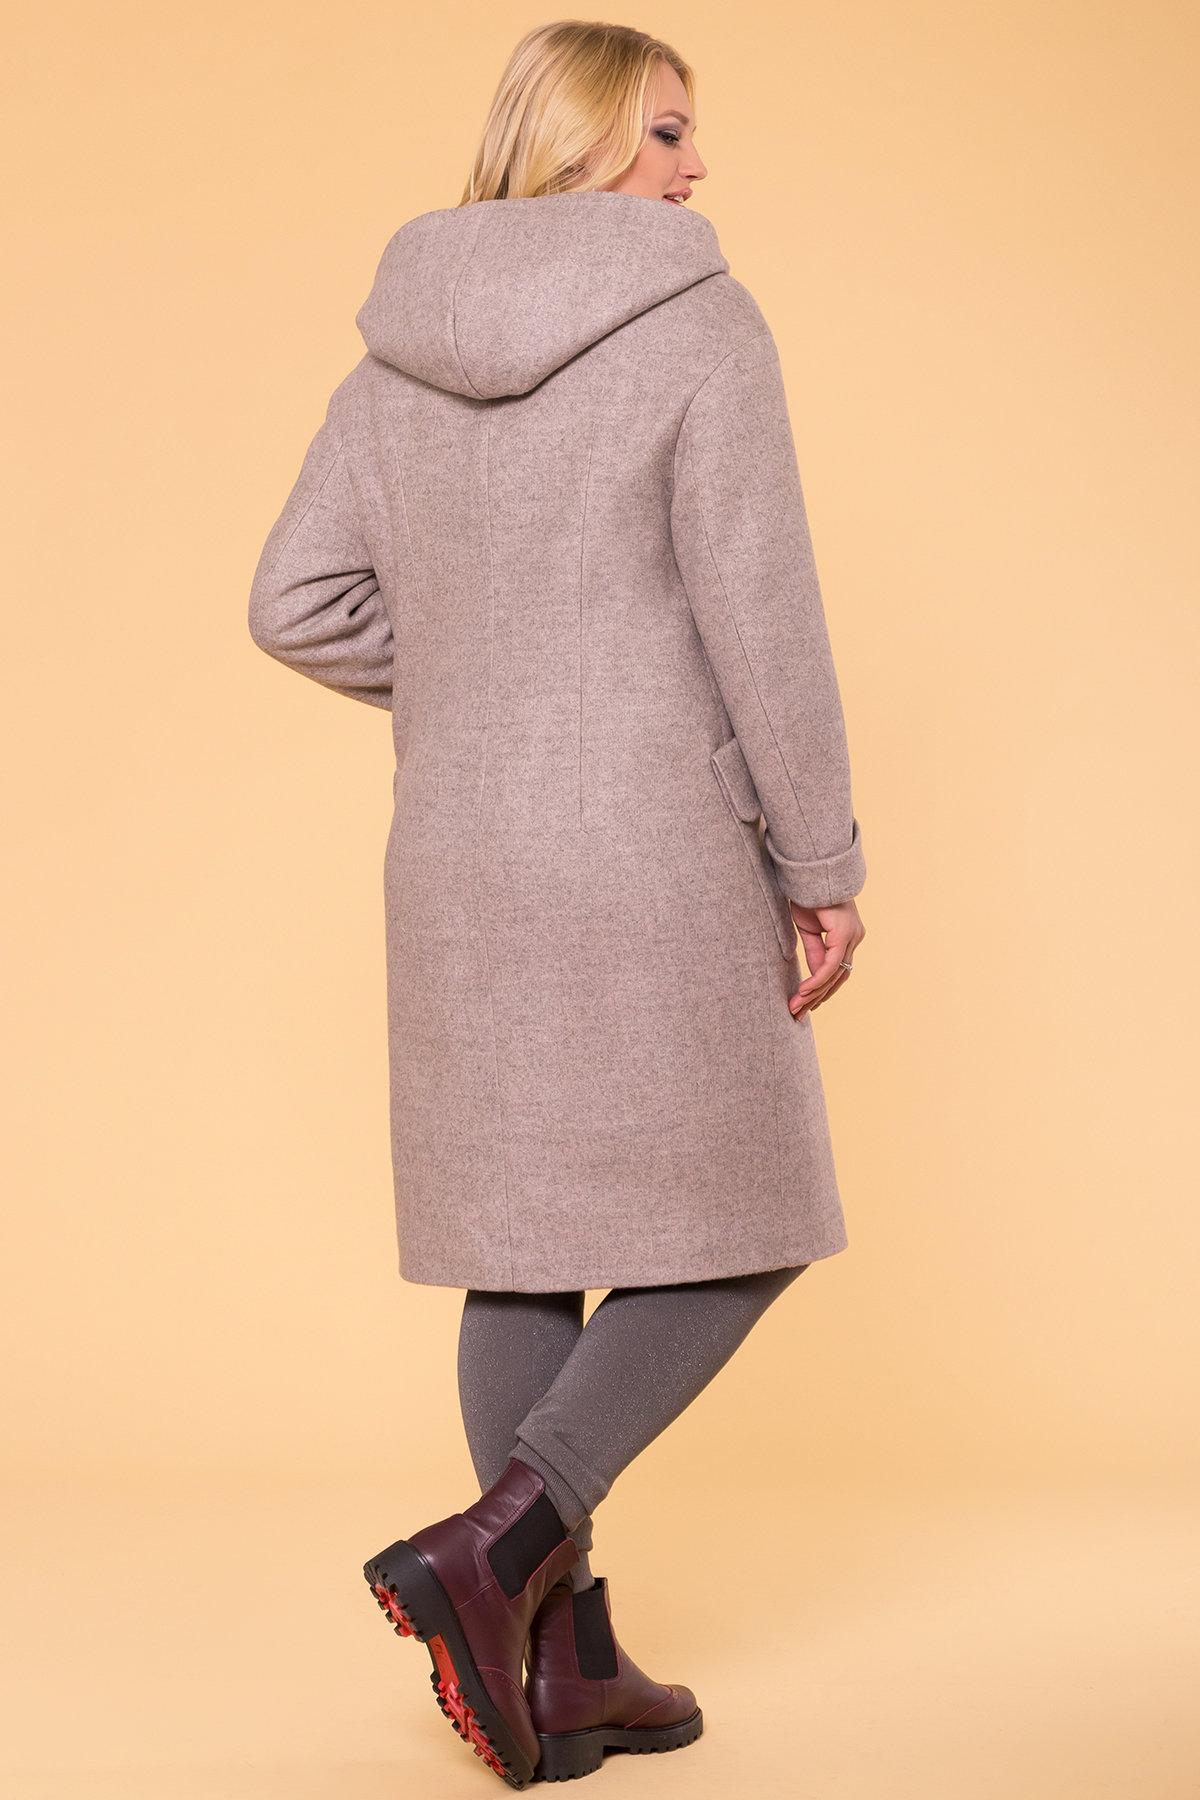 Пальто зима Анджи DONNA 5612 АРТ. 40691 Цвет: Бежевый 31 - фото 2, интернет магазин tm-modus.ru